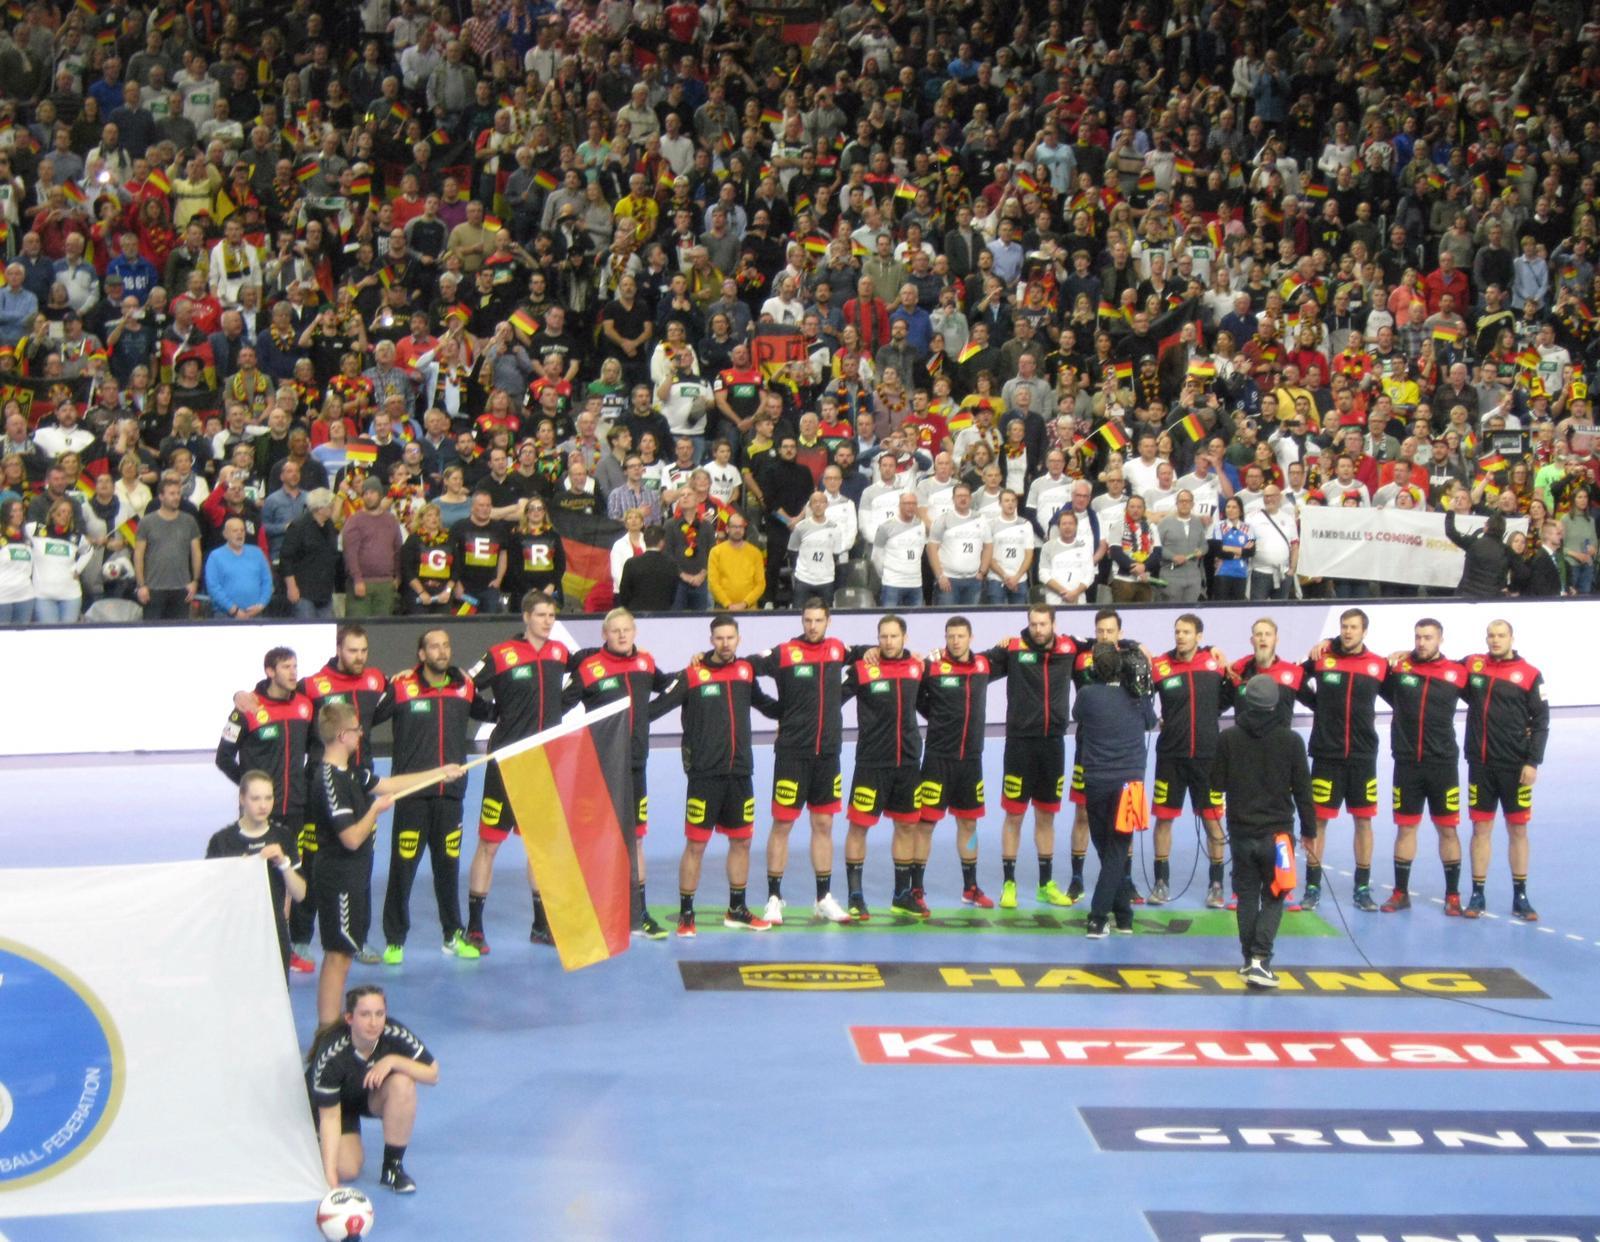 Danimarca-Francia e Germania-Norvegia, tutto pronto per le semifinali